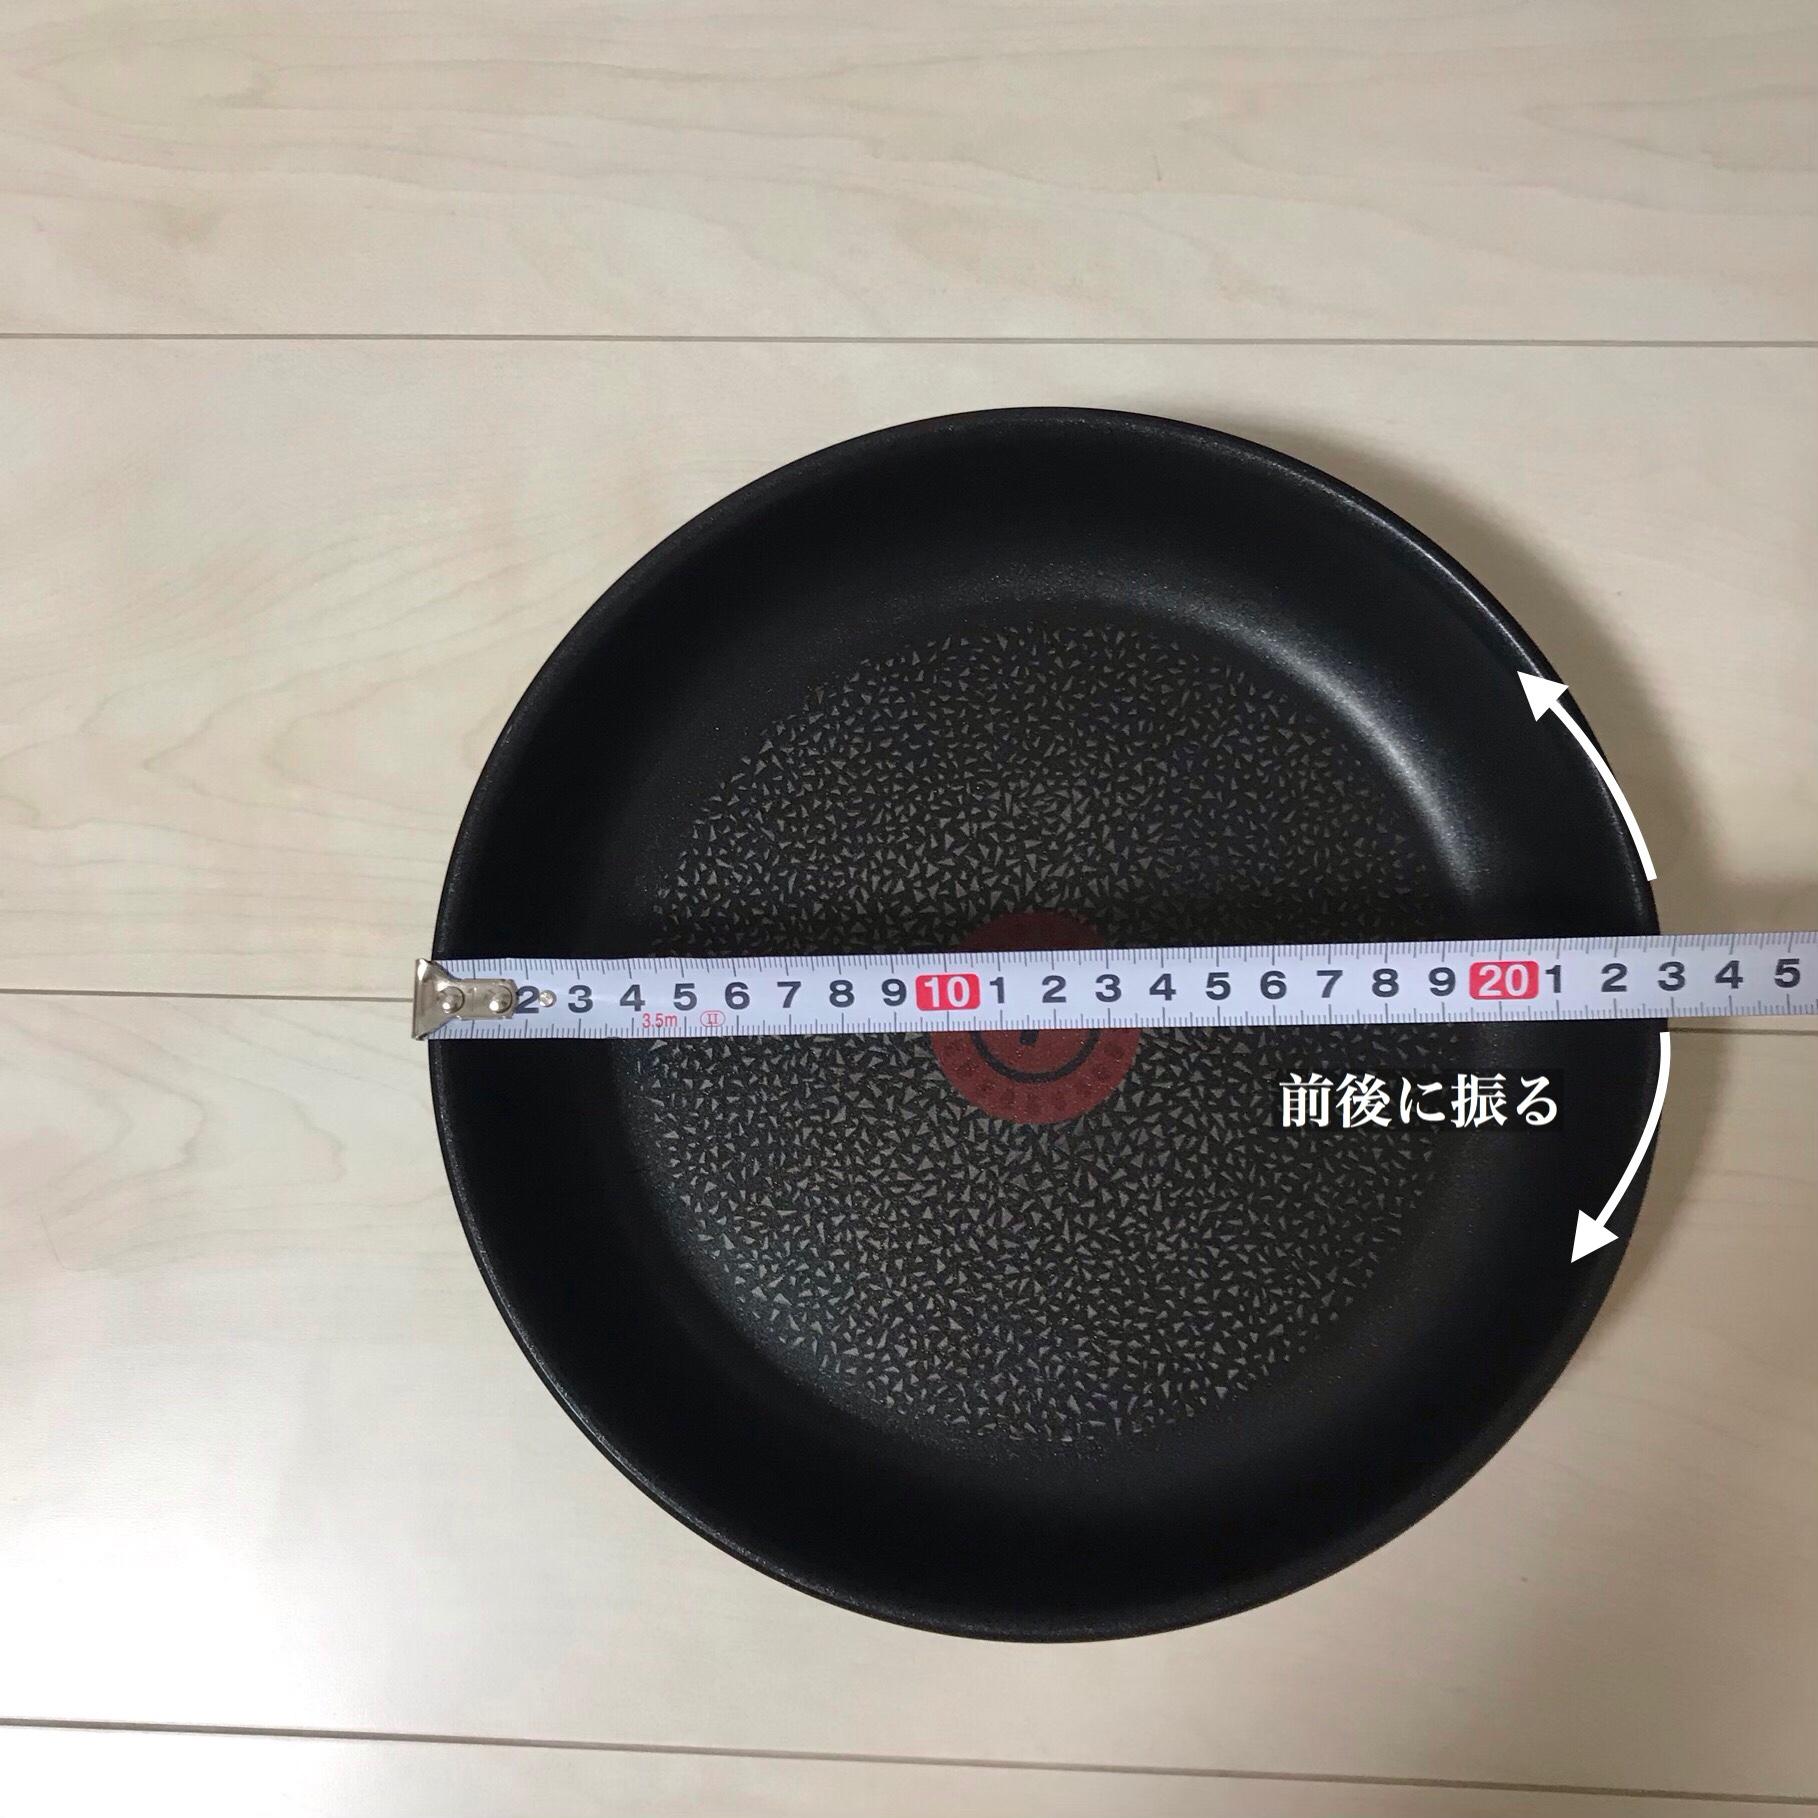 コンベックスで円形の径を測る場合の方法